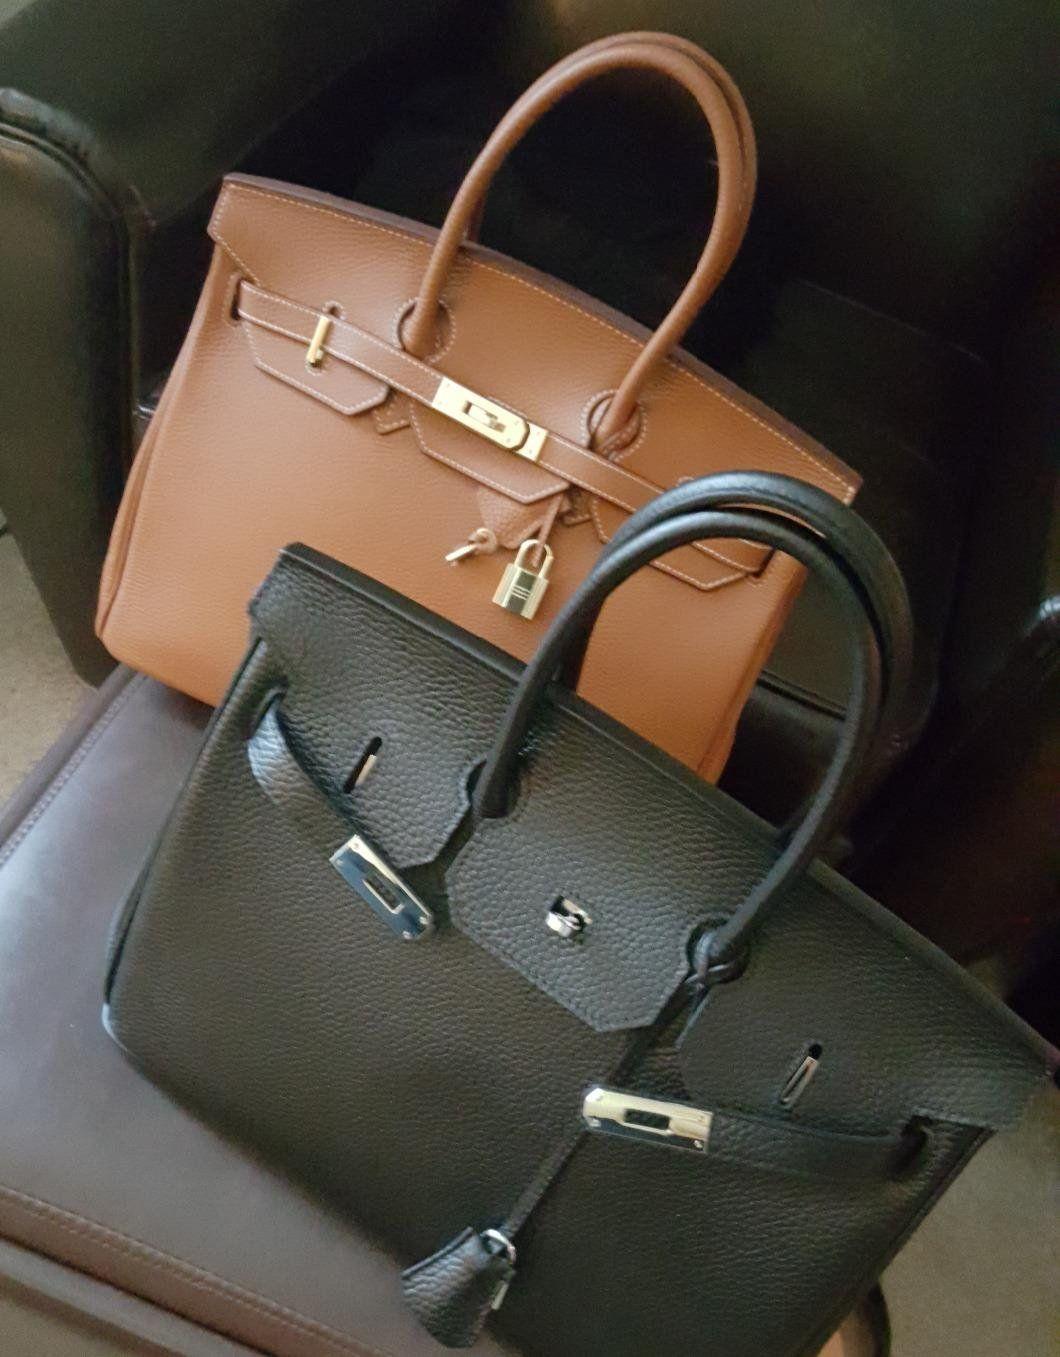 Sac Hermès Soldes,Hermès Birkin,Hermes kelly revue en ligne  LE MEILLEUR  ACHAT b910fc1066d